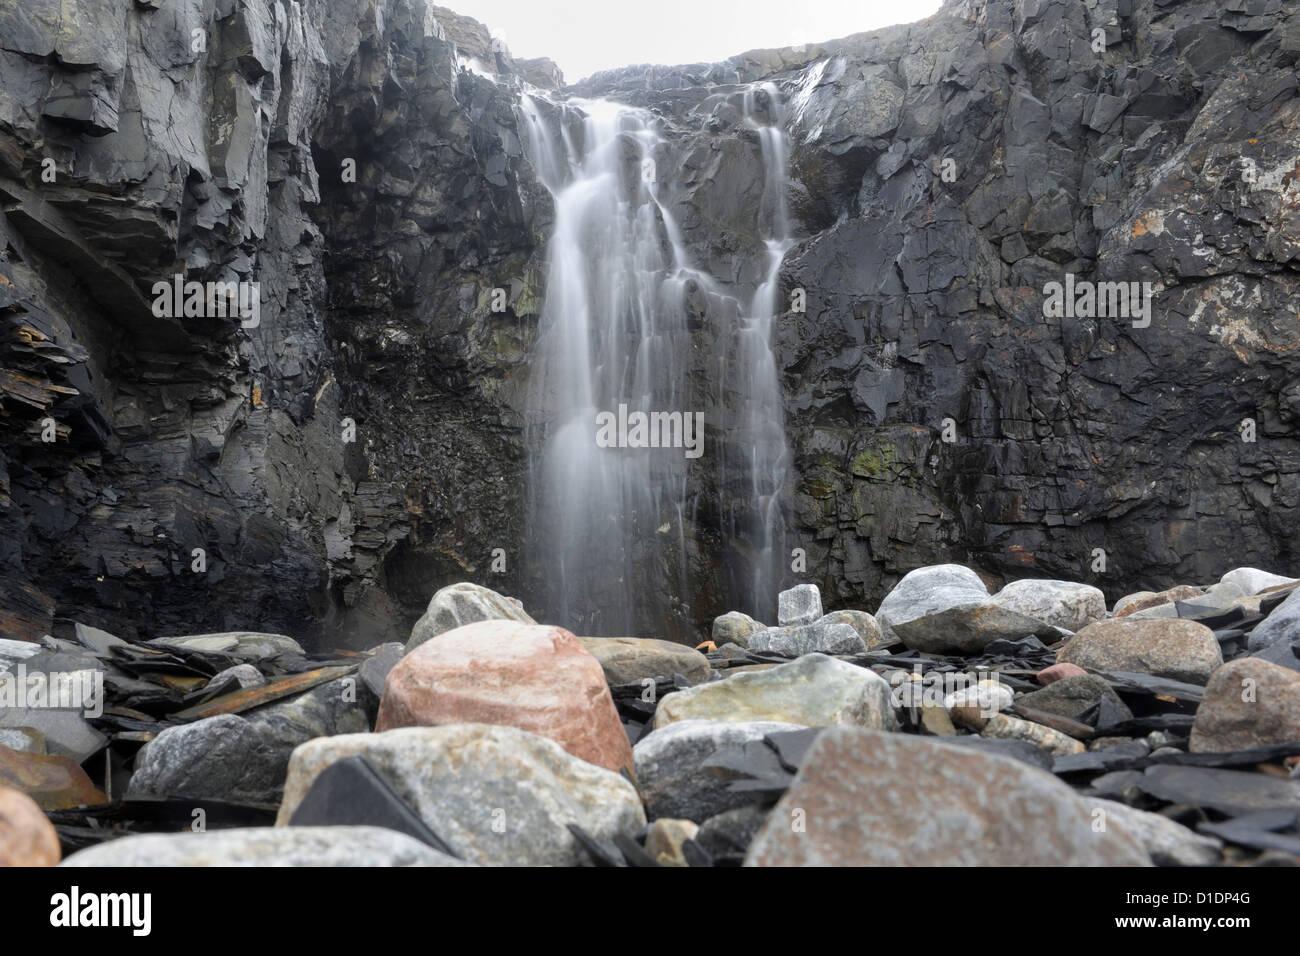 Arktische Wasserfall 14. September 2012 in Dundas, Grönland. Stockbild